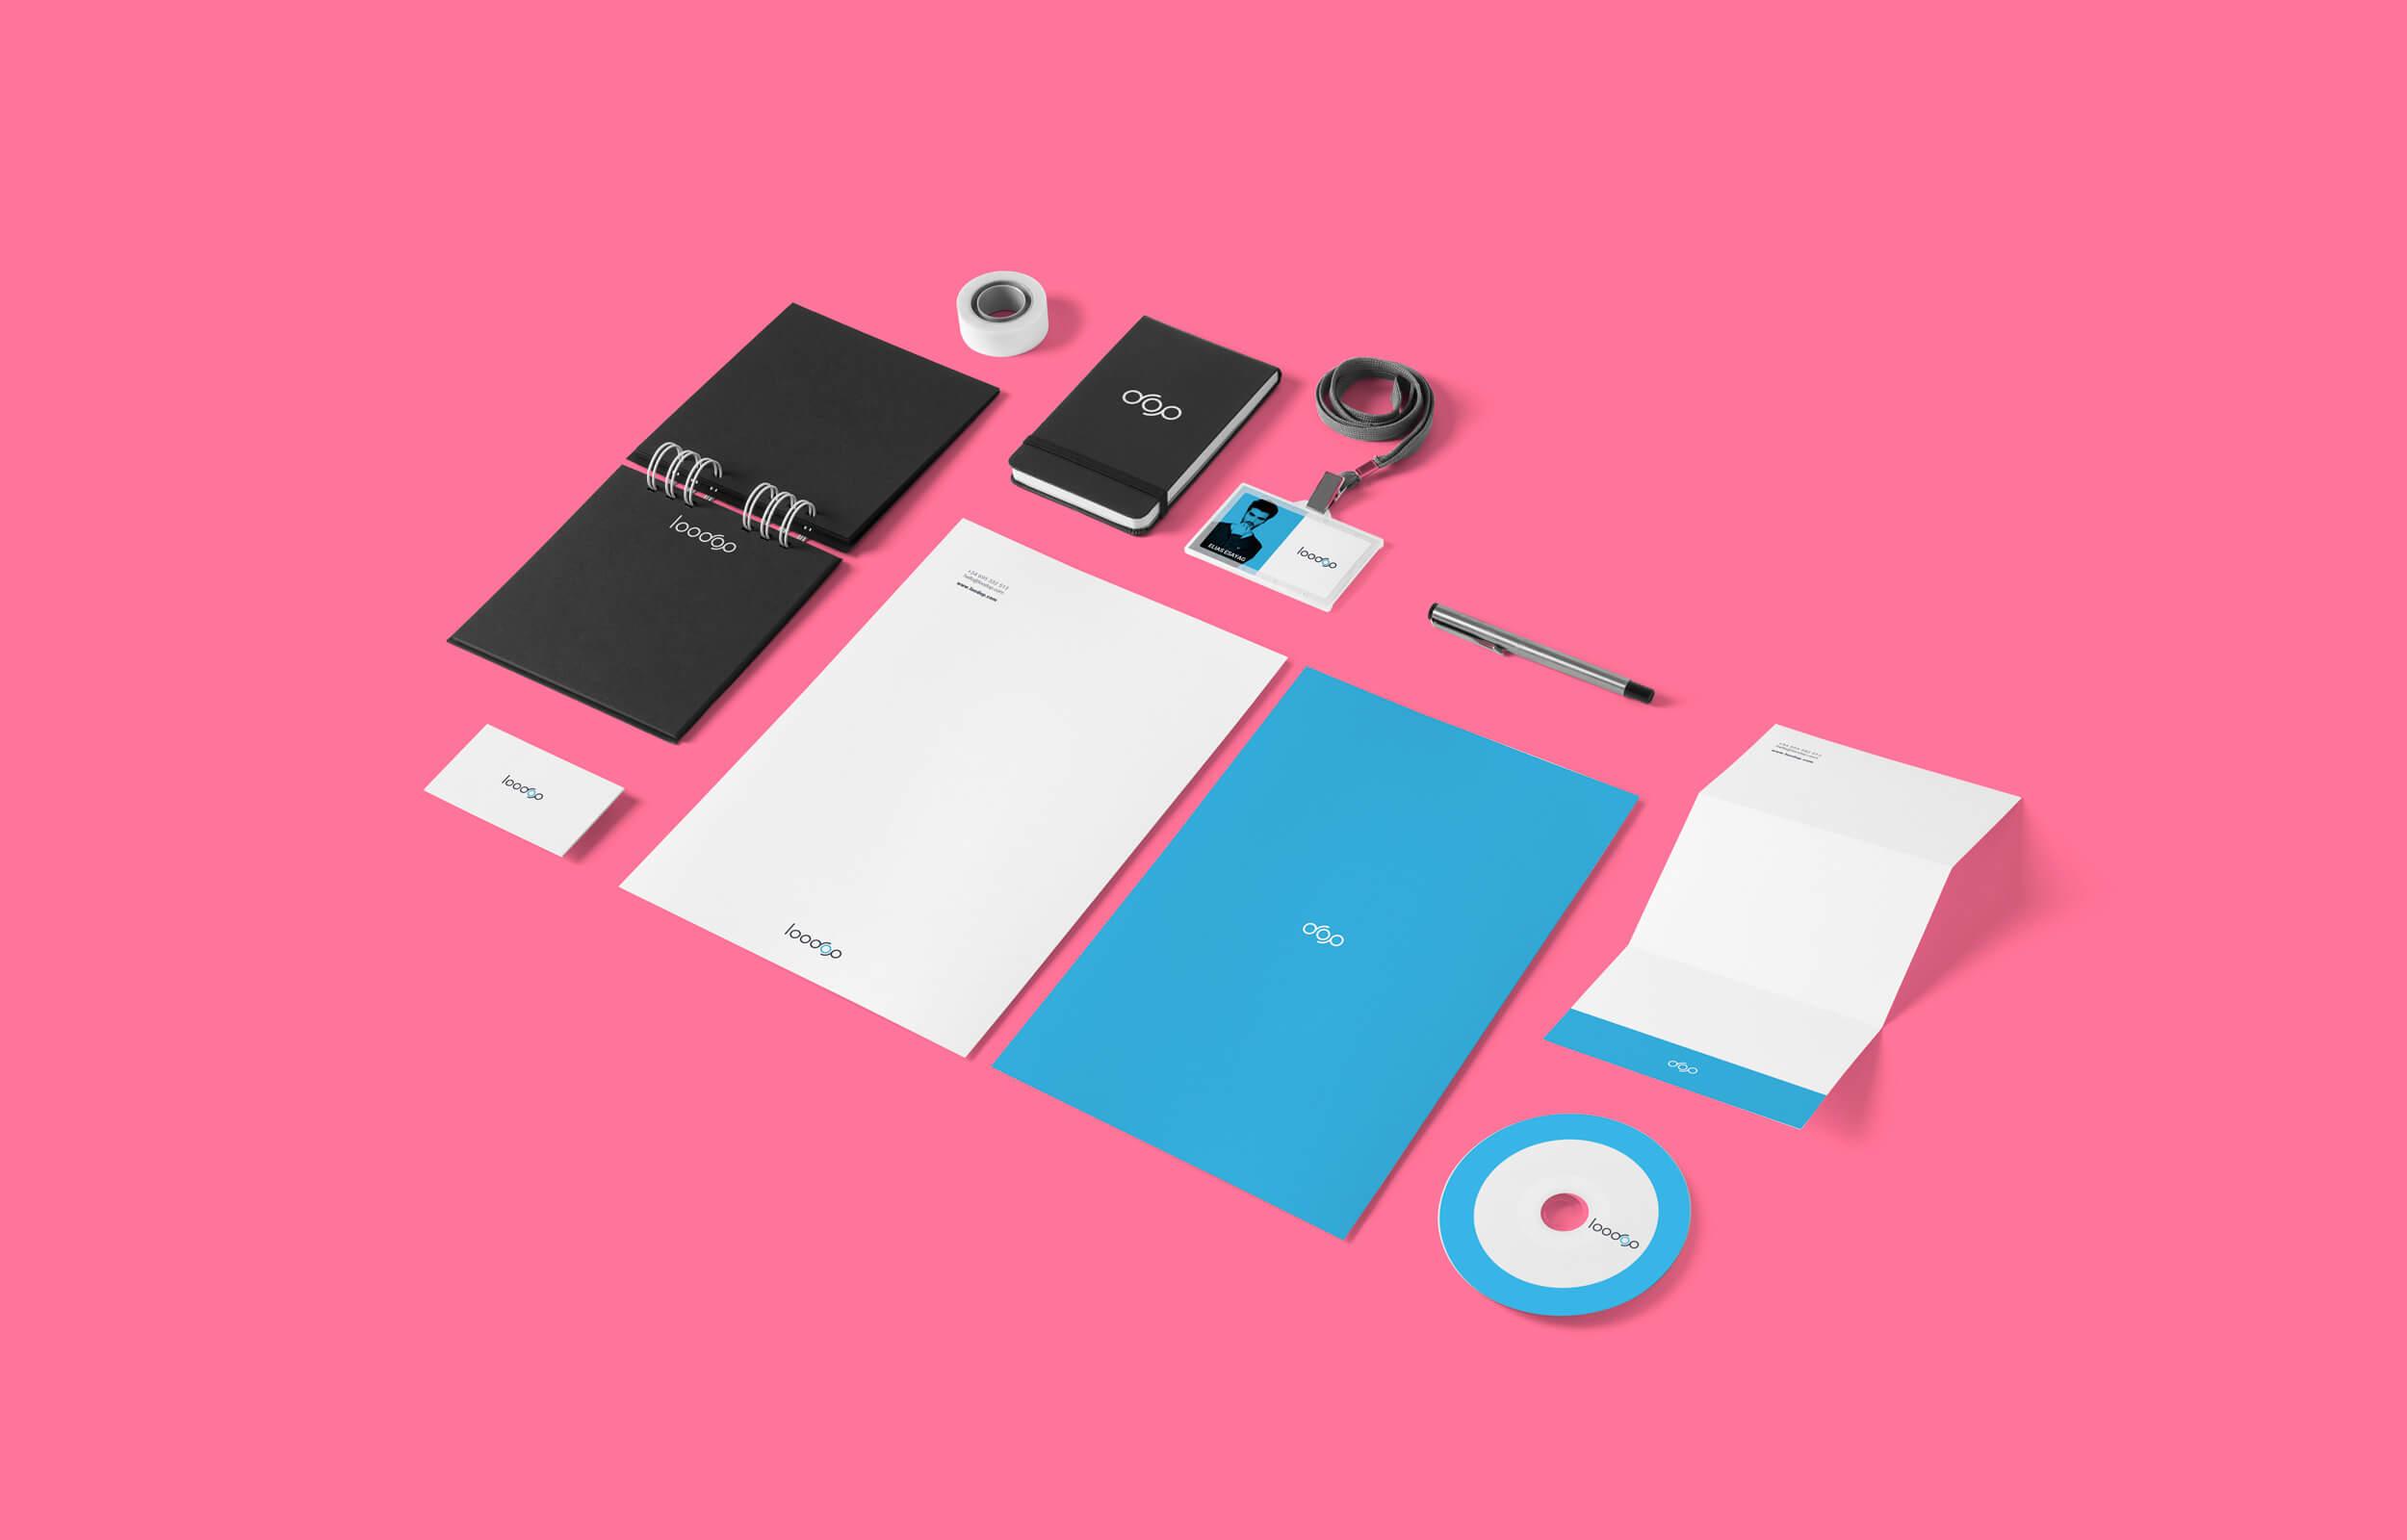 Diseño de marca gráfica (logotipo + imagotipo) y desarrollo de la papelería y piezas de comunicación para Loodop.